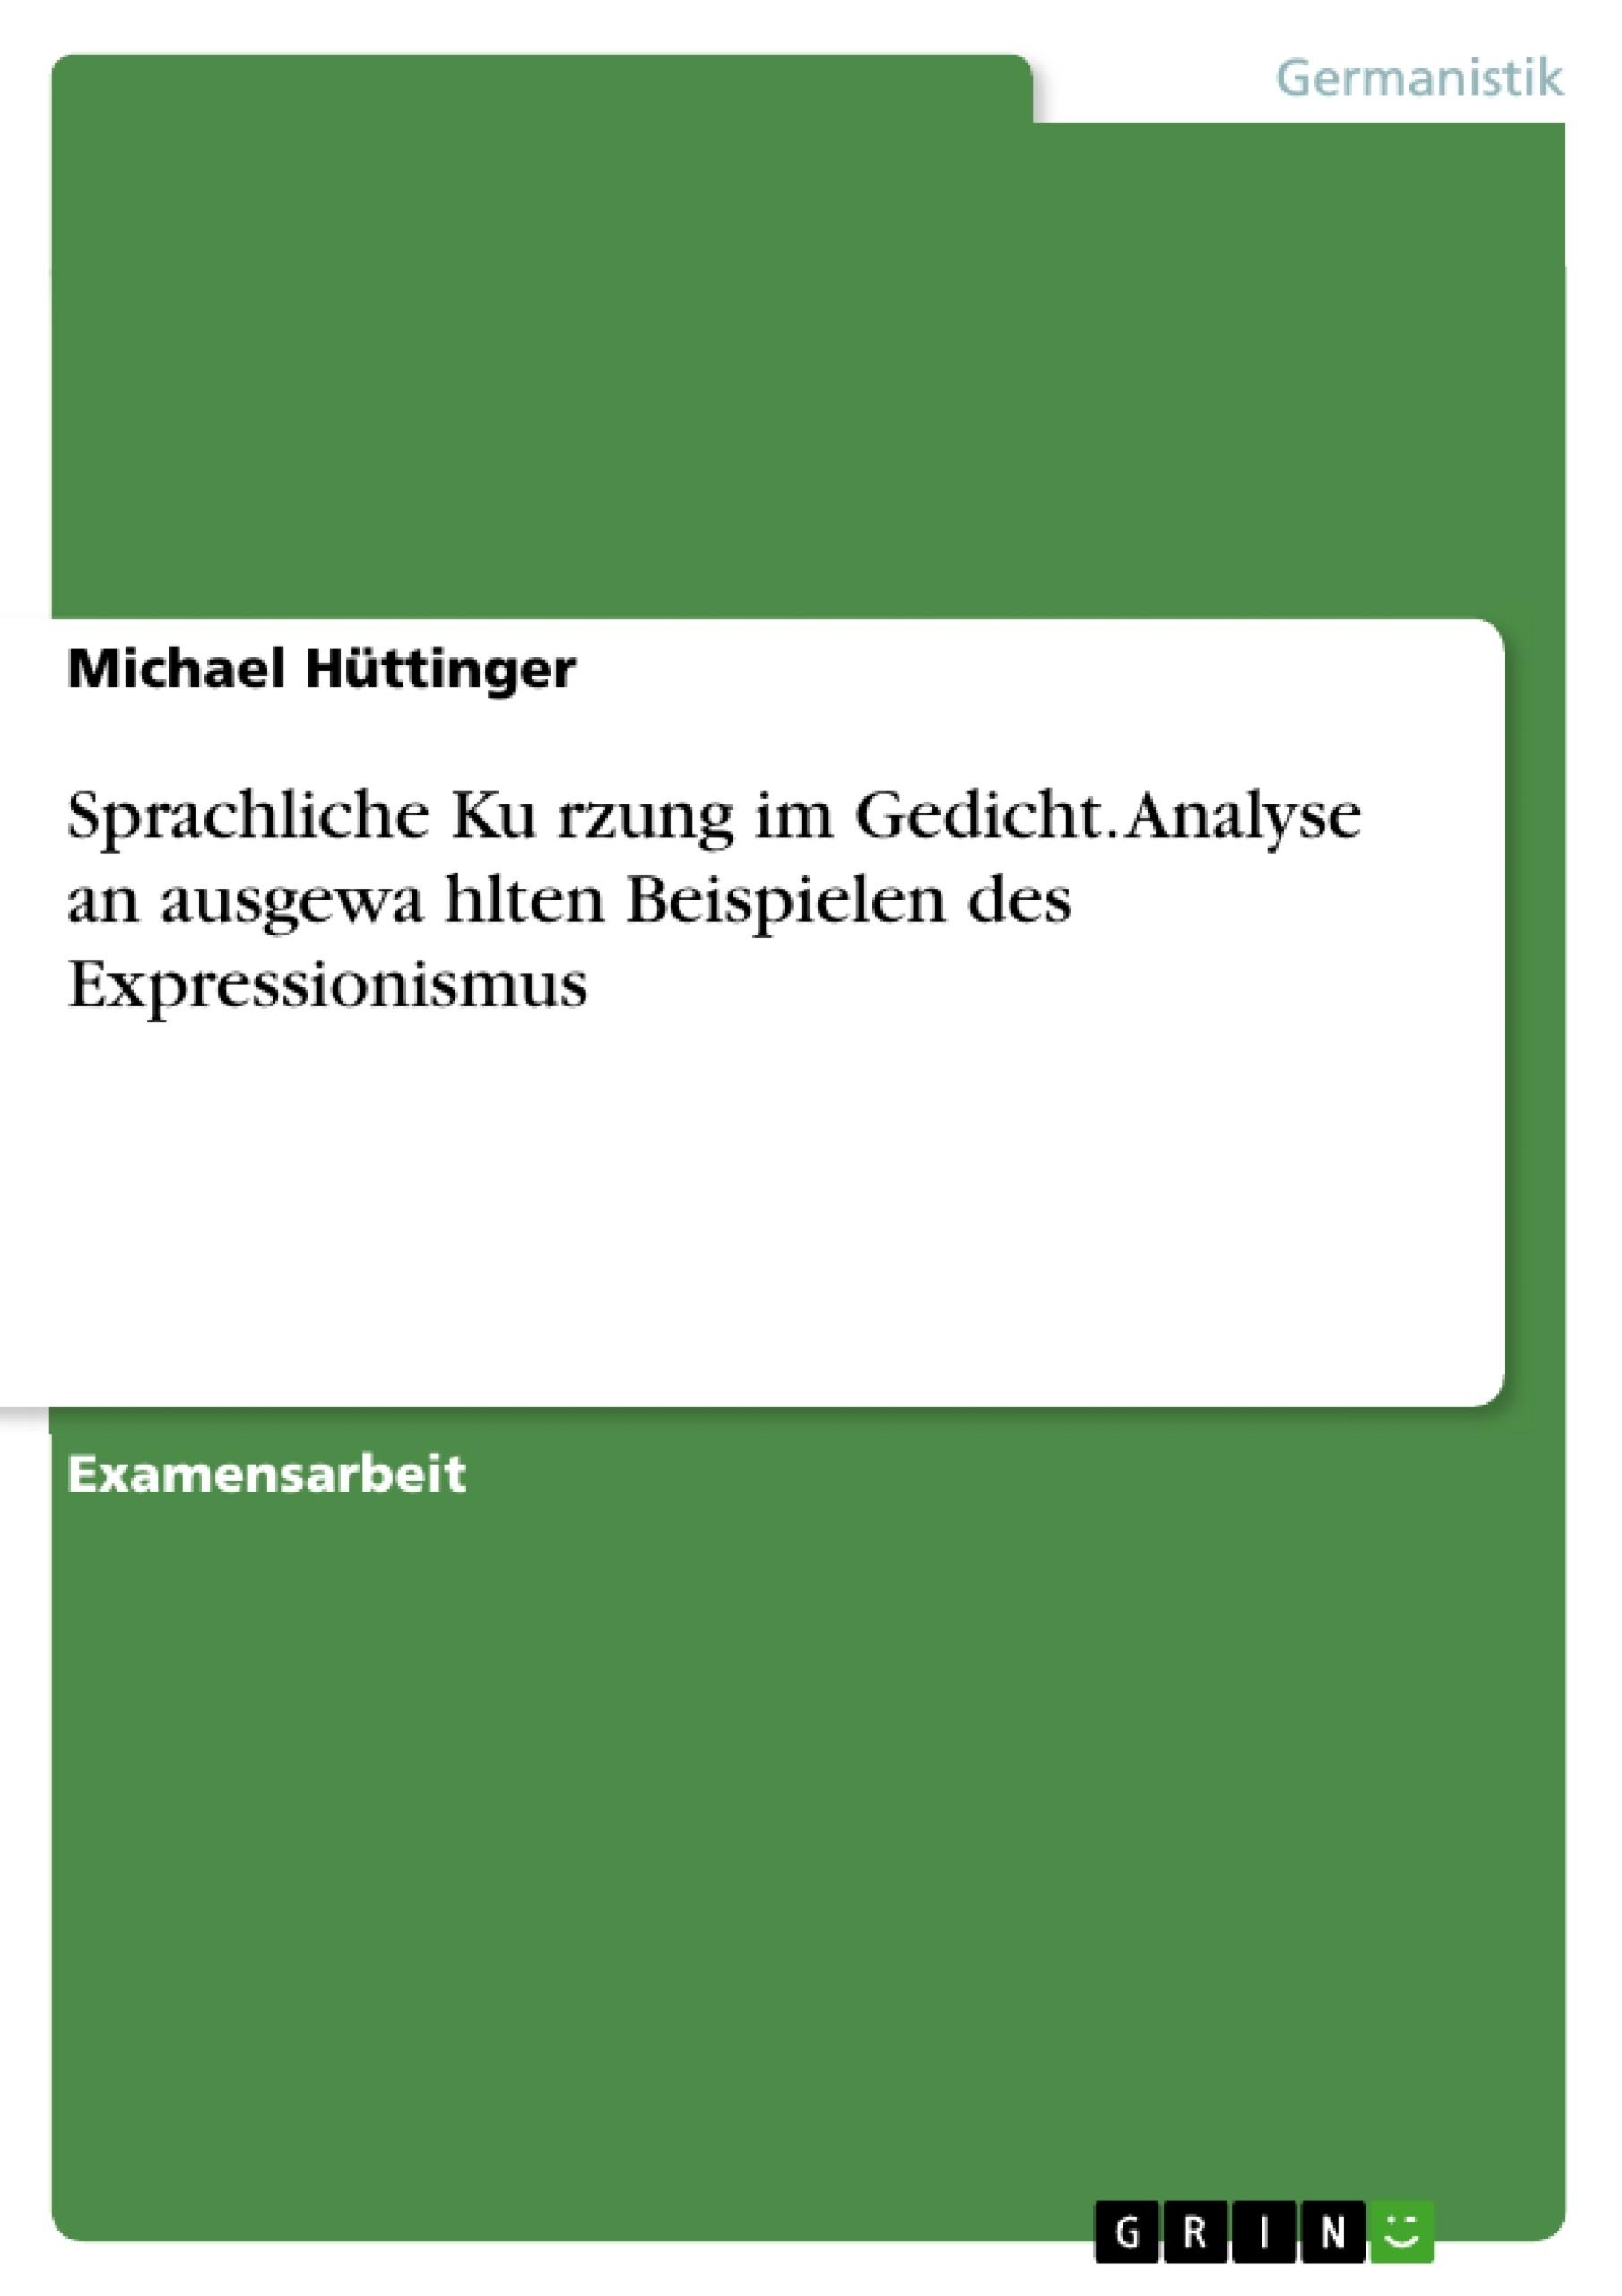 Titel: Sprachliche Kürzung im Gedicht. Analyse an ausgewählten Beispielen des Expressionismus